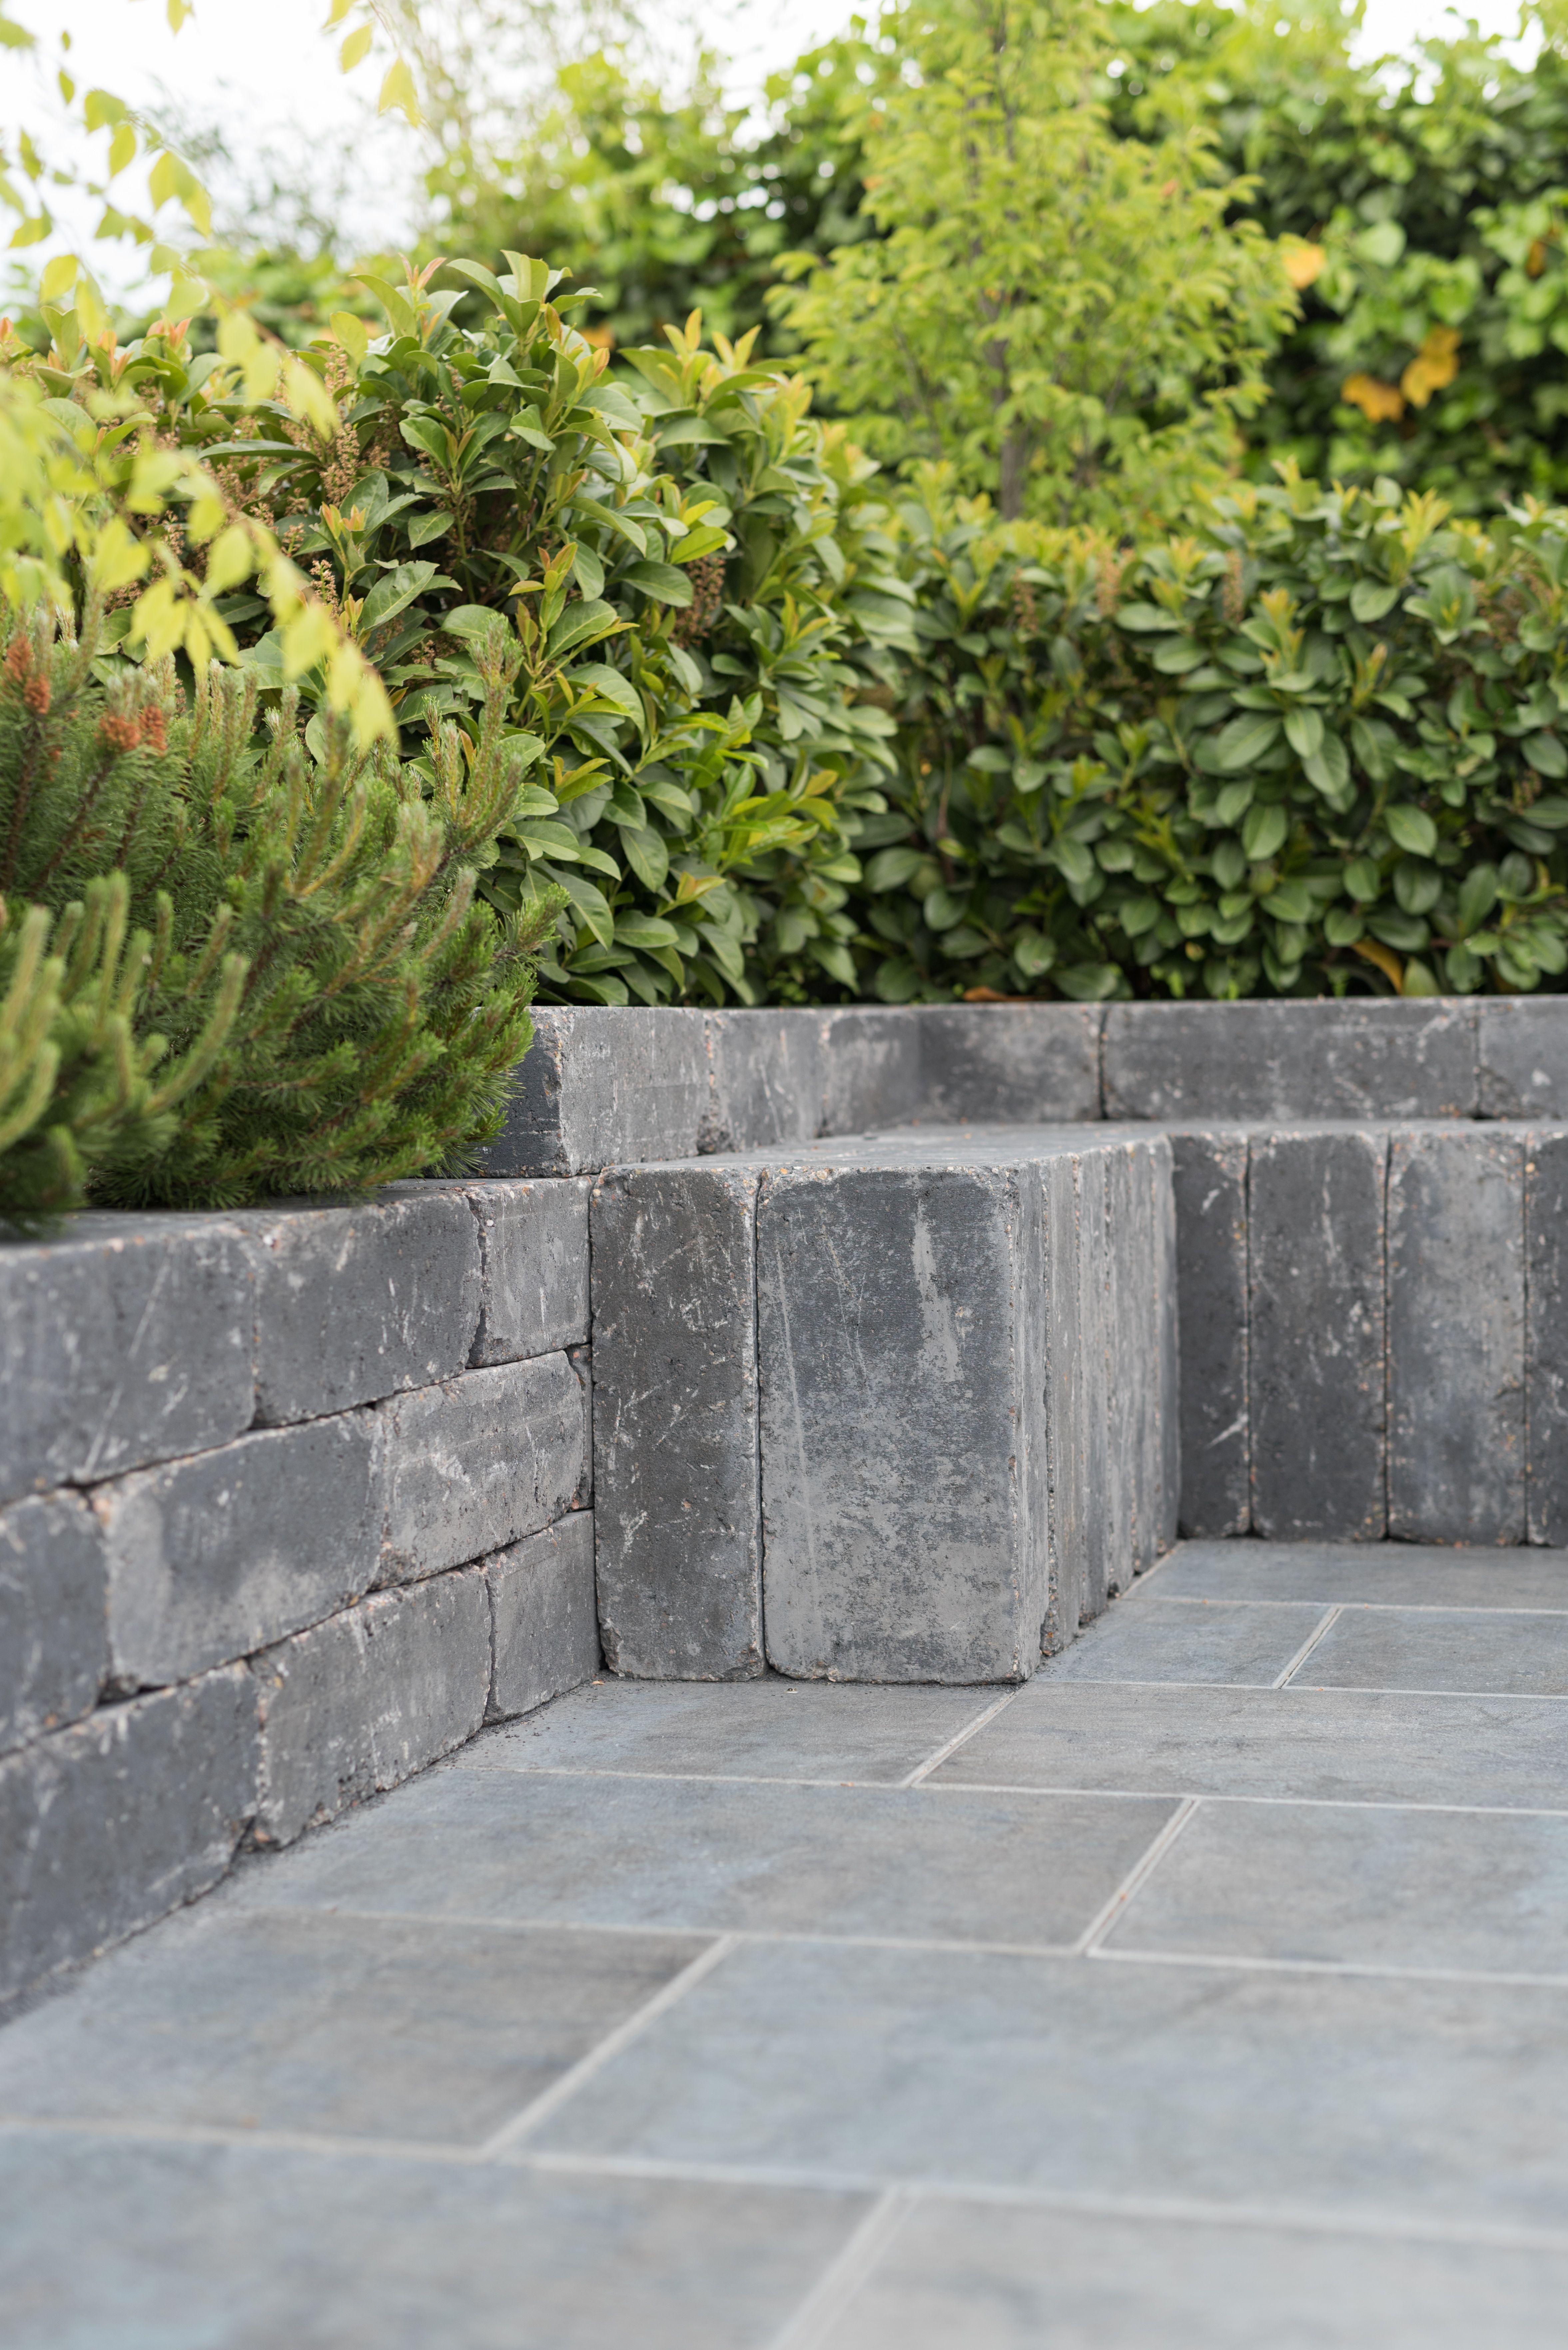 Eine Gute Kombination Diese Antik Mauer Mit Der 6040 Cm Latio Metallico Eine Gute Kombination Diese Antik Steinmauer Garten Blumenbeet Anlegen Garten Stufen